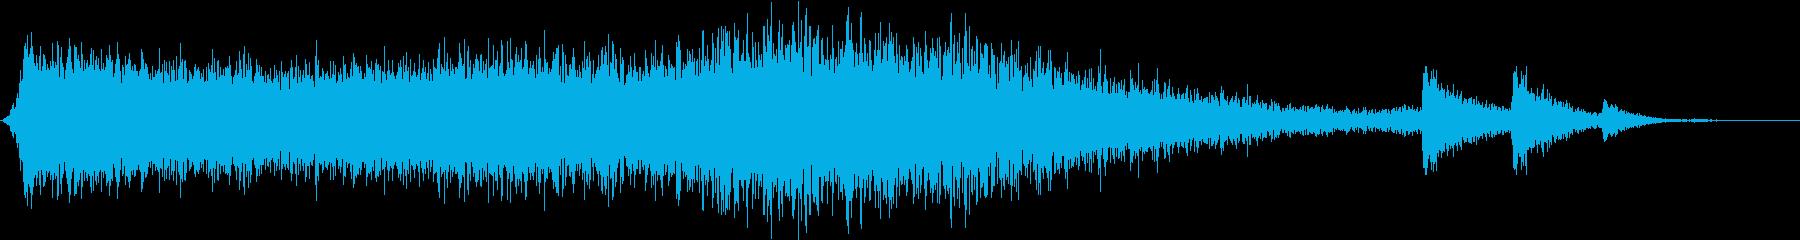 【ホラーゲーム】サウンドスケイプ_02の再生済みの波形